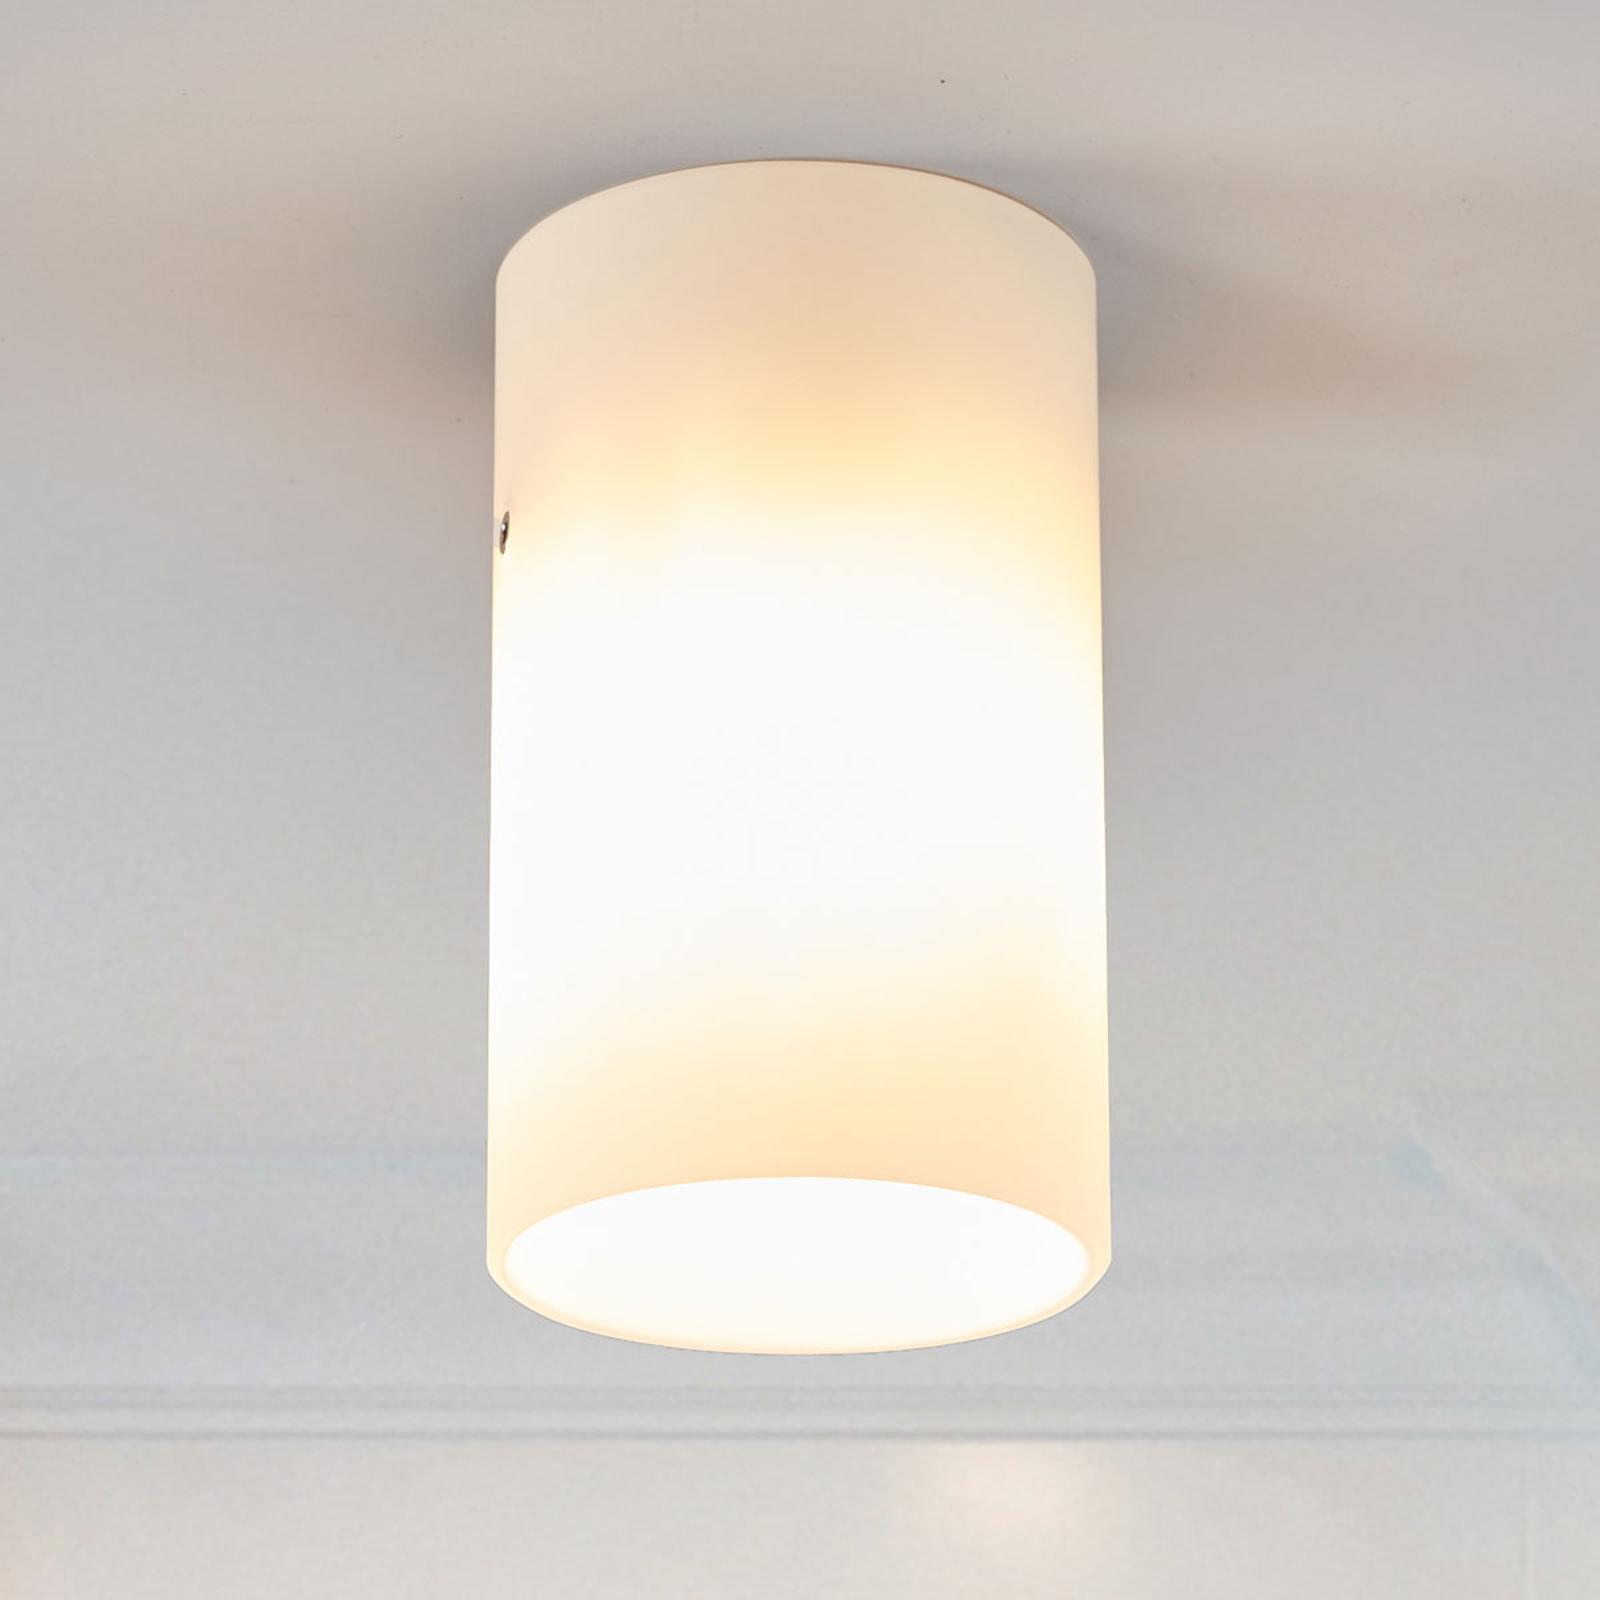 Lámpara de techo Tube redonda